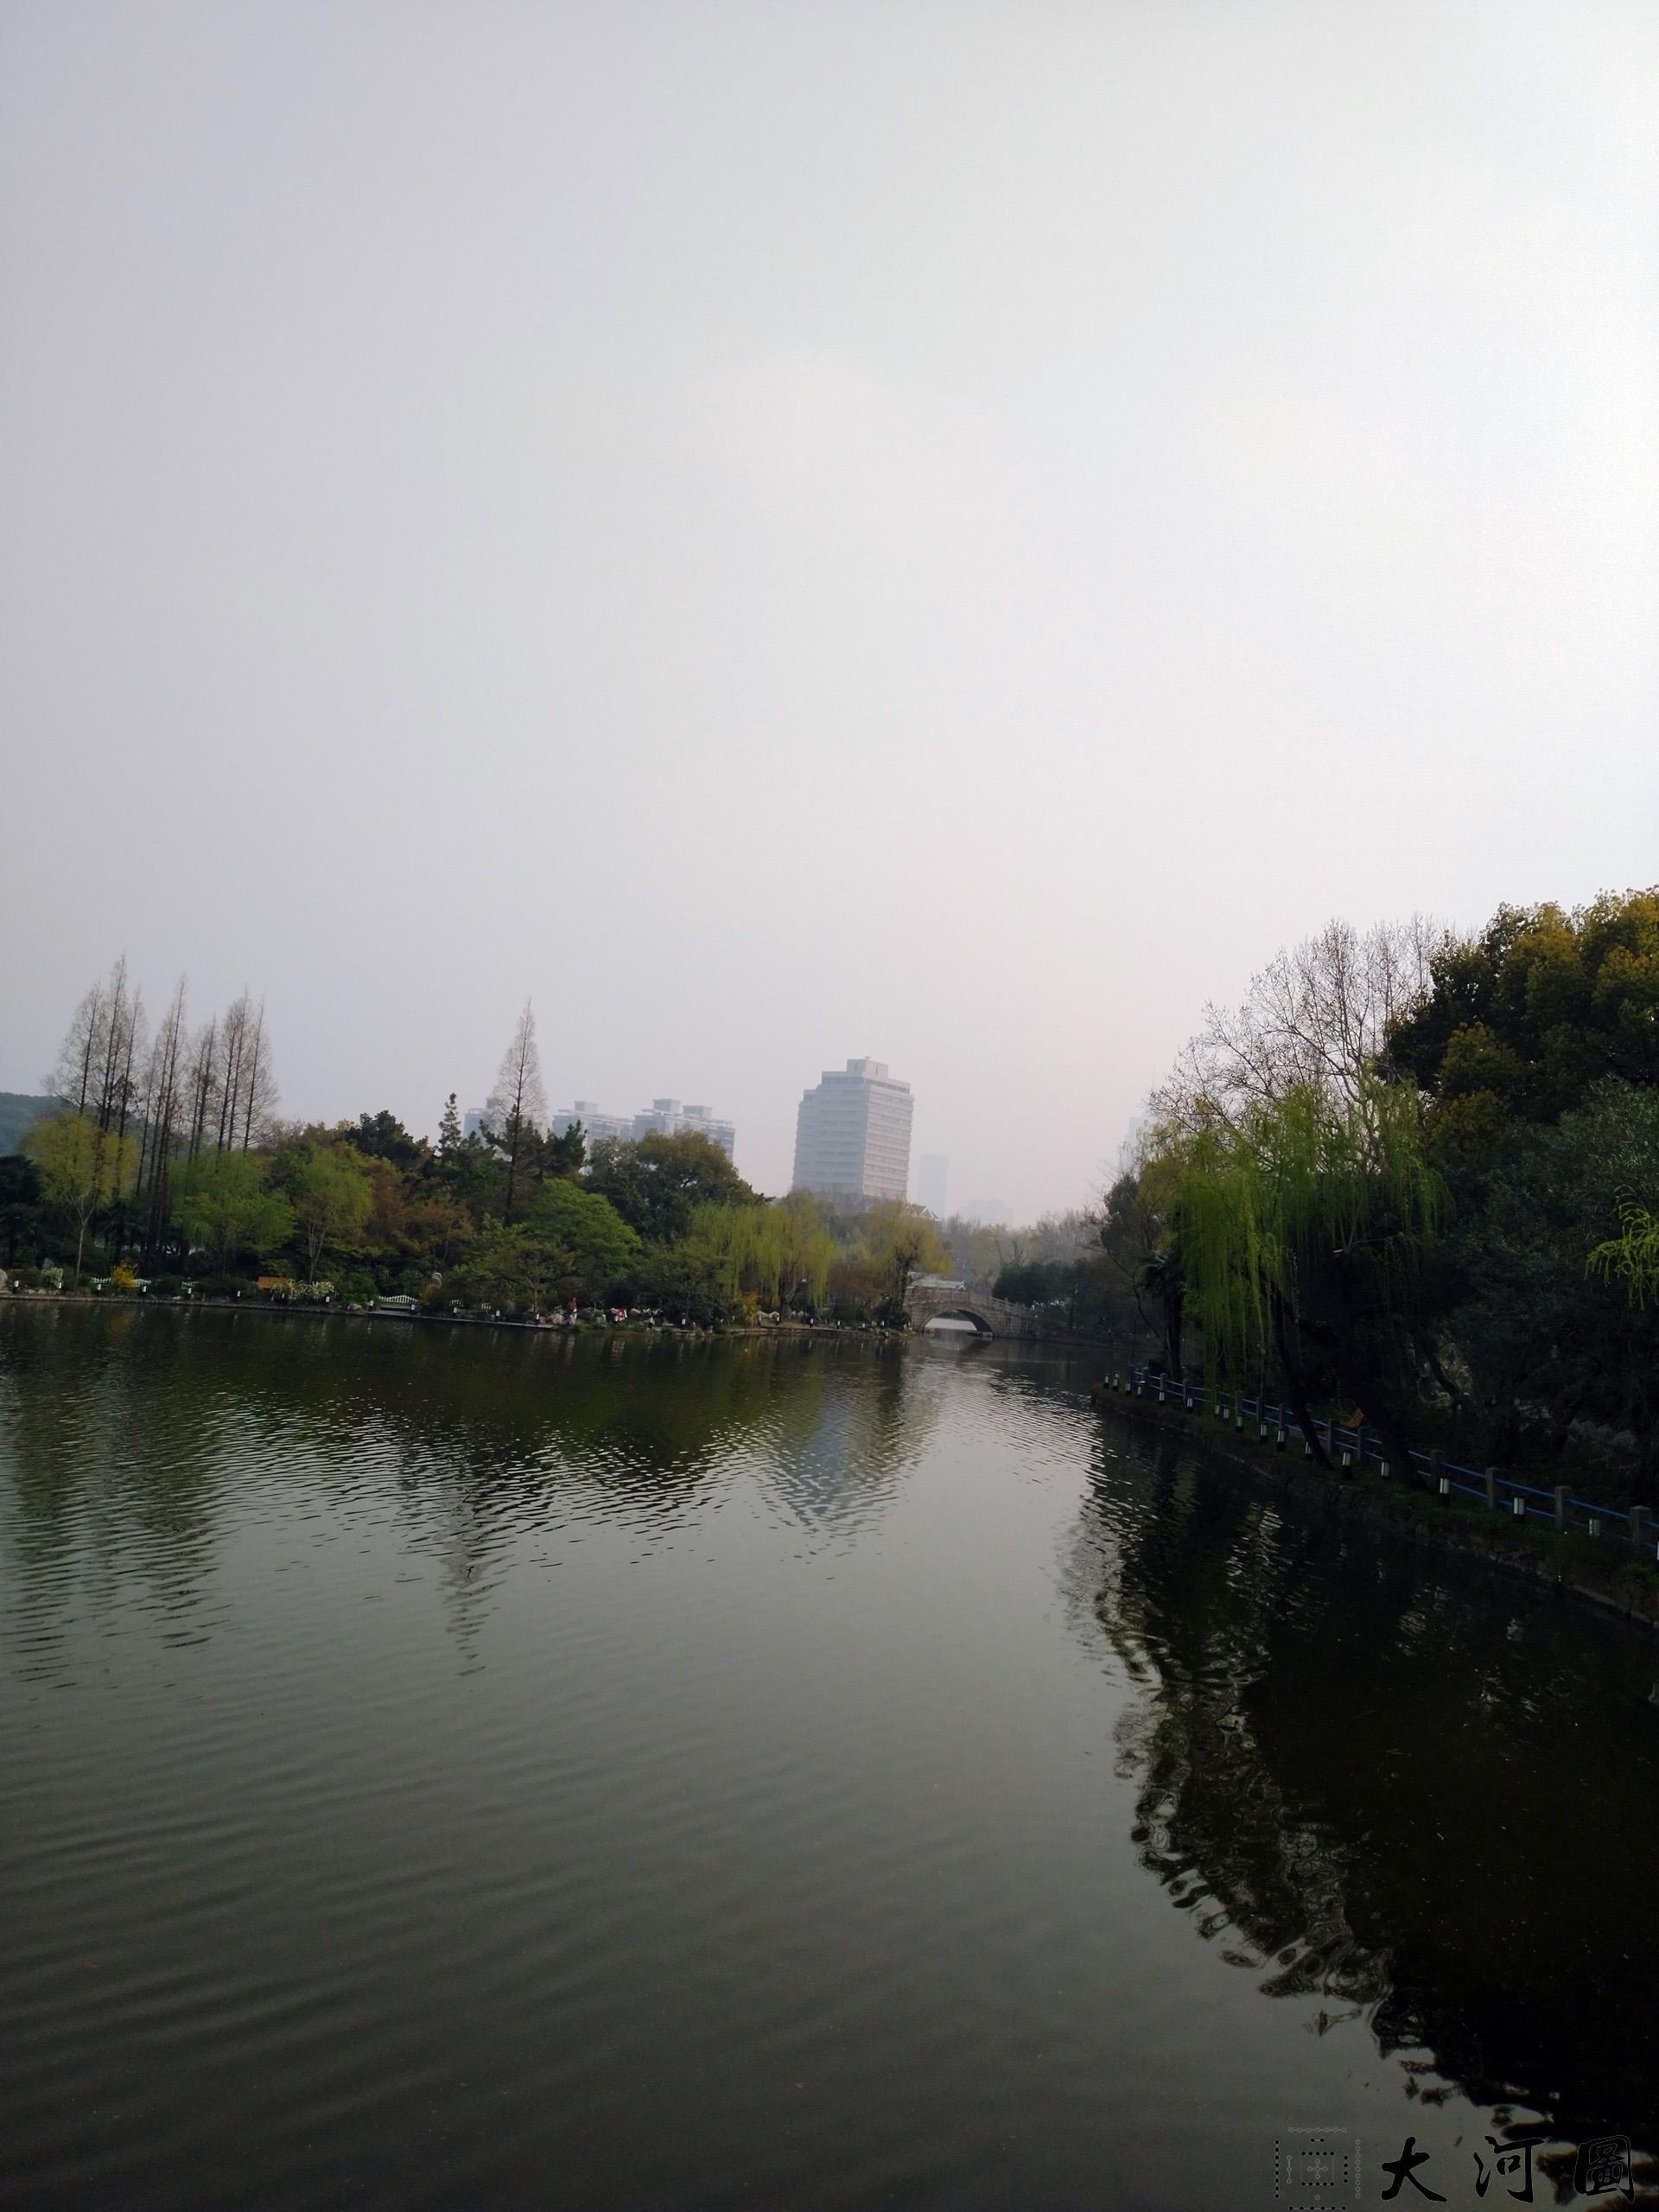 上海长风公园初春之景色幽暗灰沉 摄影 第9张